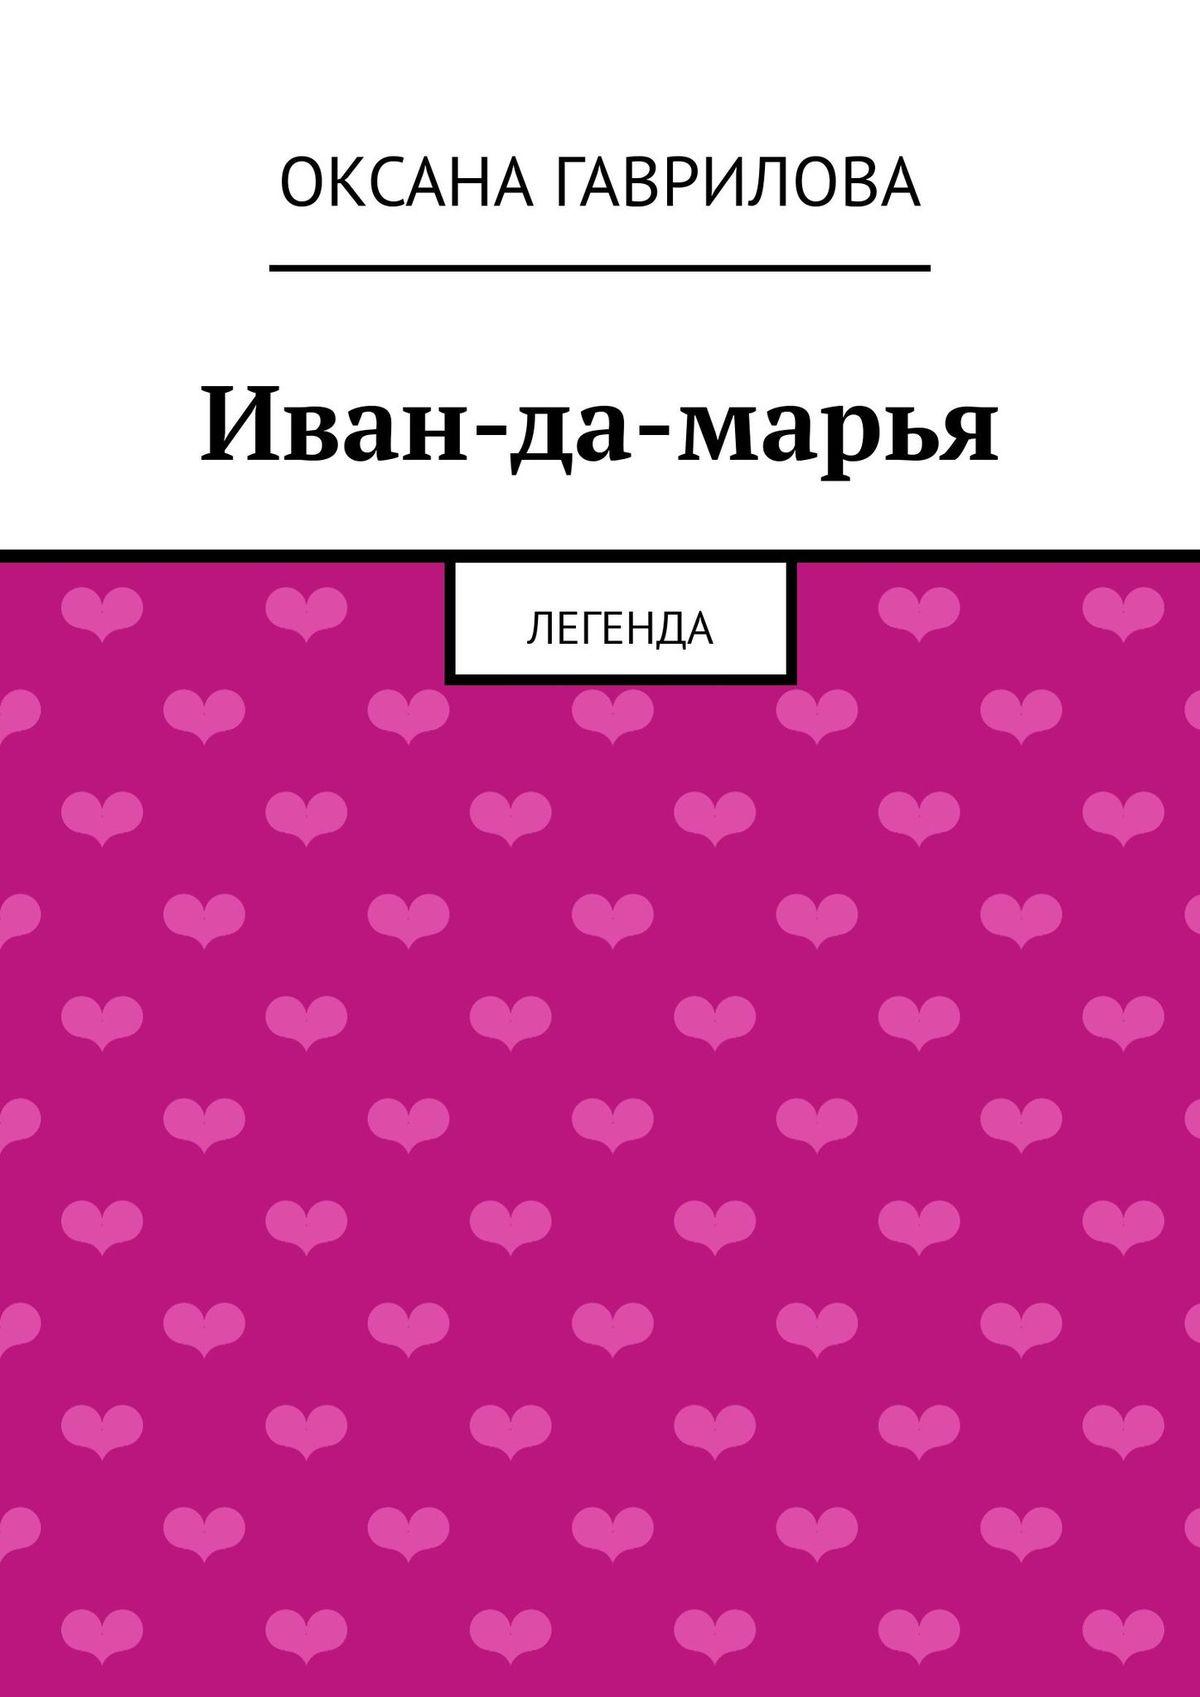 Оксана Владимировна Гаврилова Иван-да-марья. Легенда